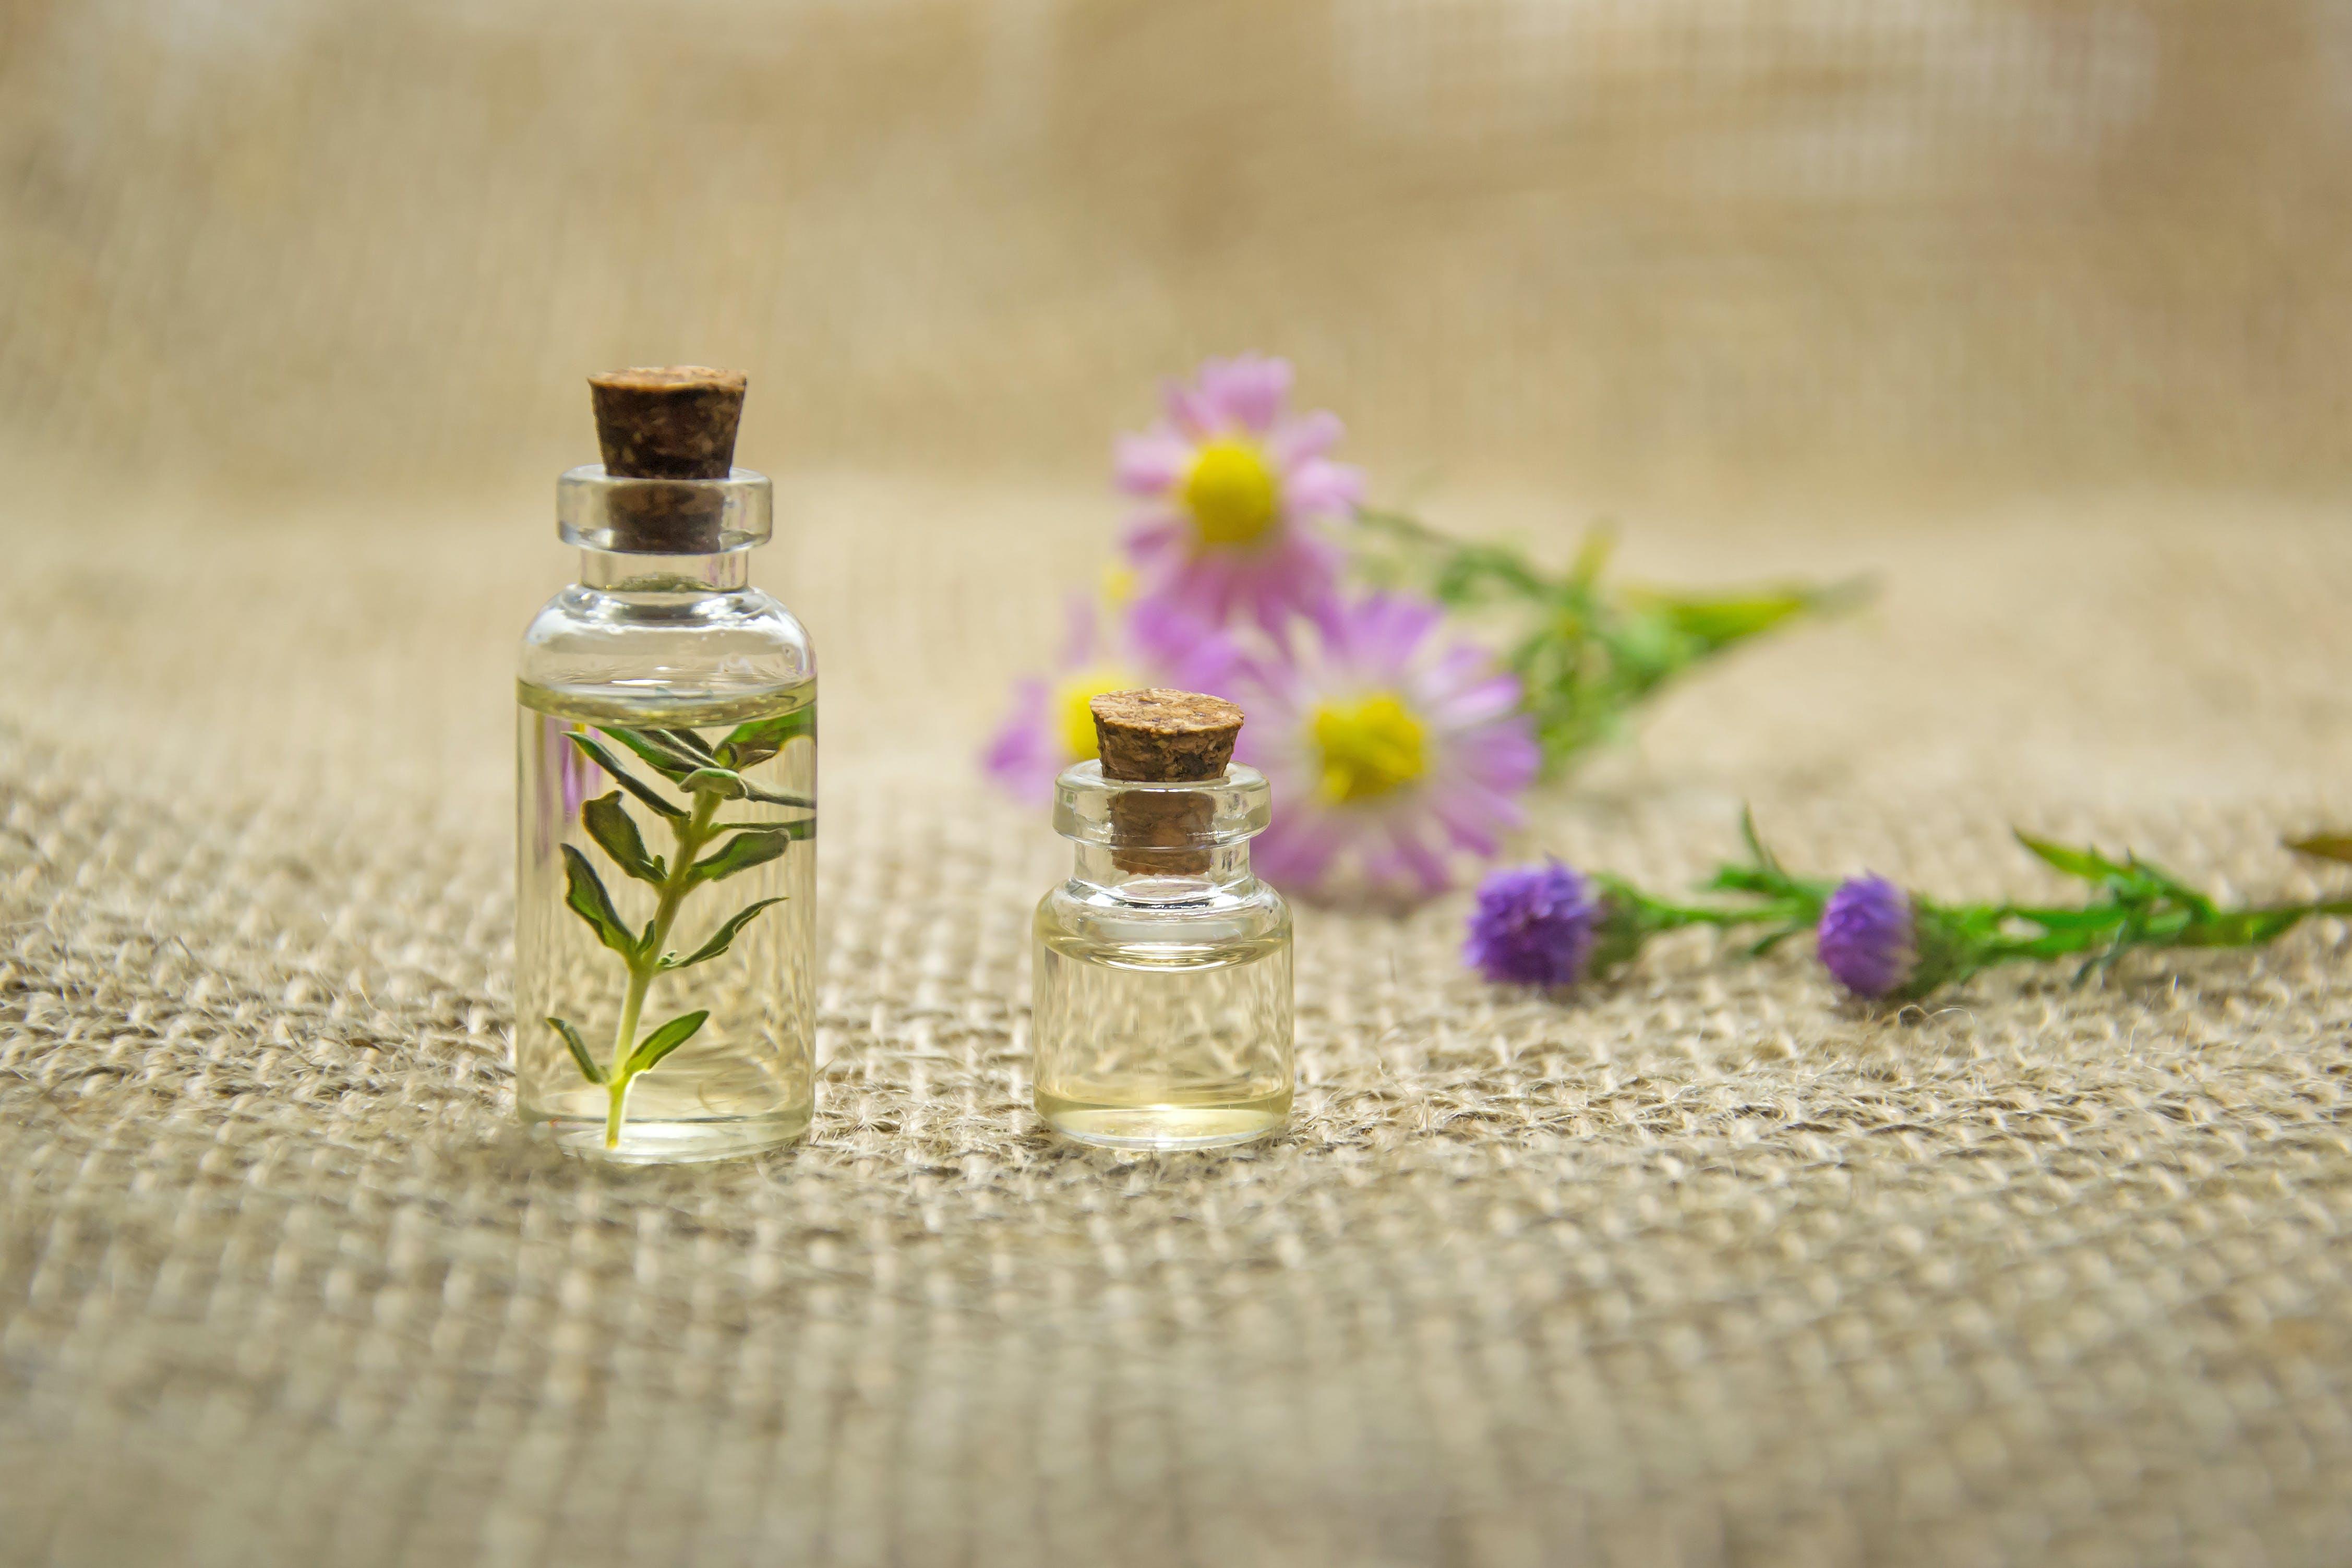 Kostenloses Stock Foto zu aromatherapie, blumen, duft, flaschen